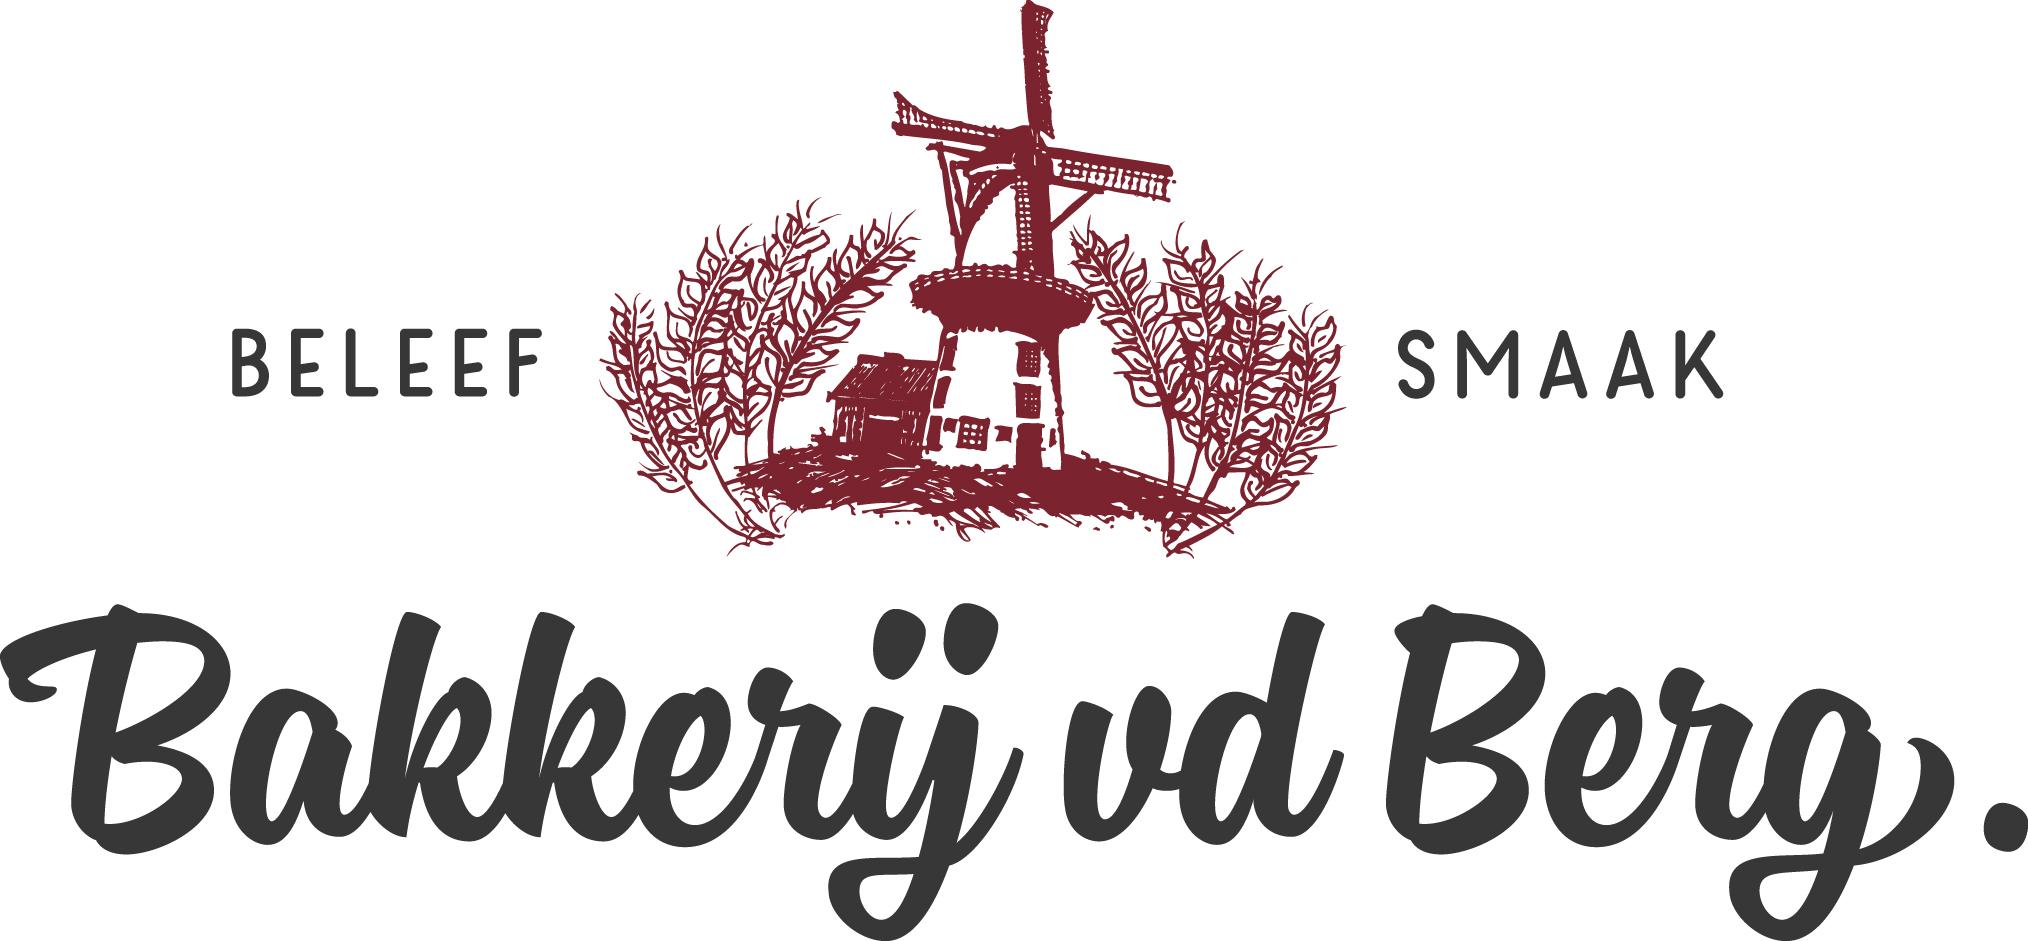 https://www.bakkerijvdberg.nl/